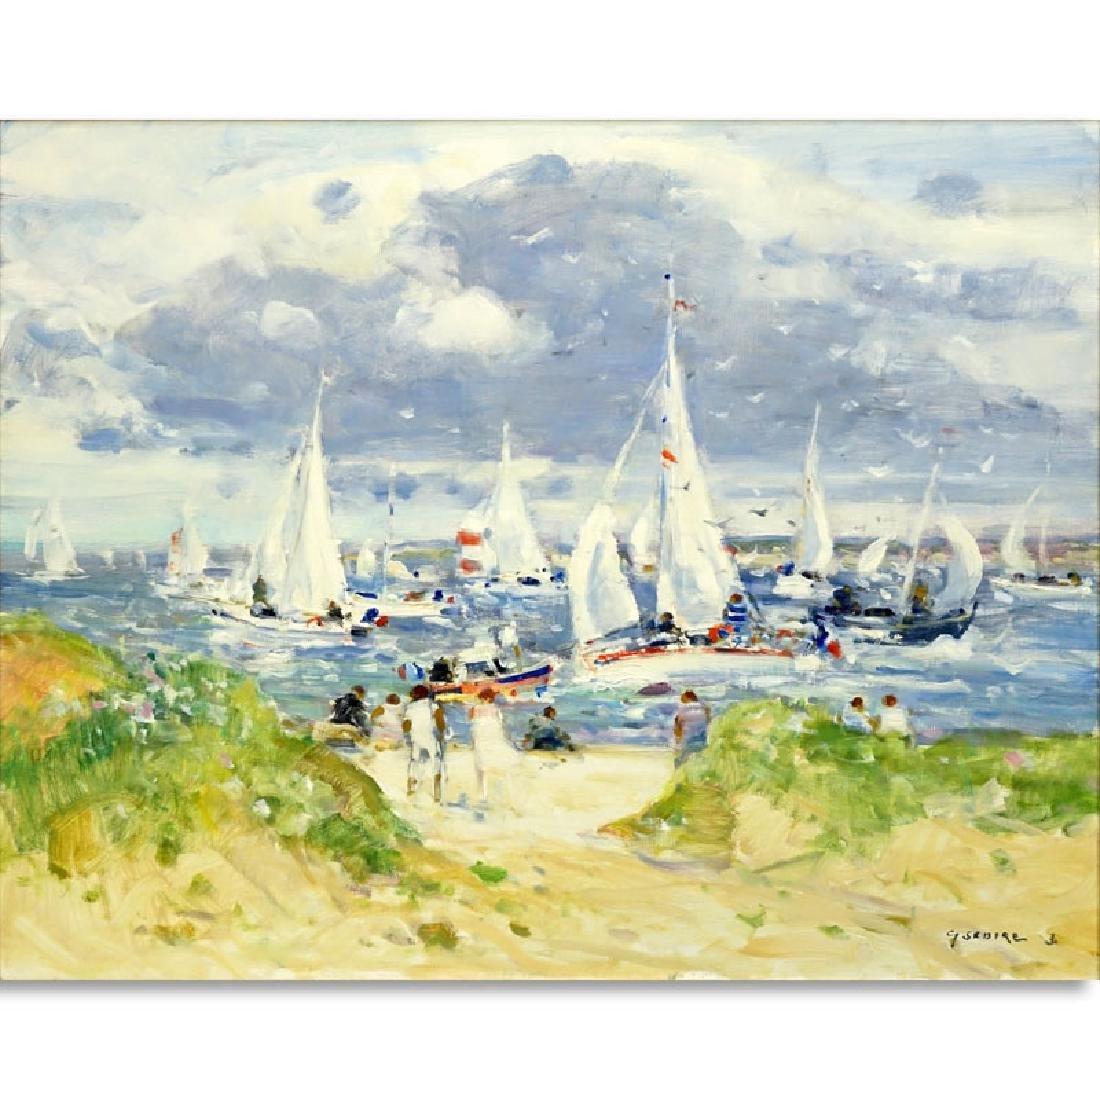 Gaston Sebire, French (1920-2001) Oil on Canvas